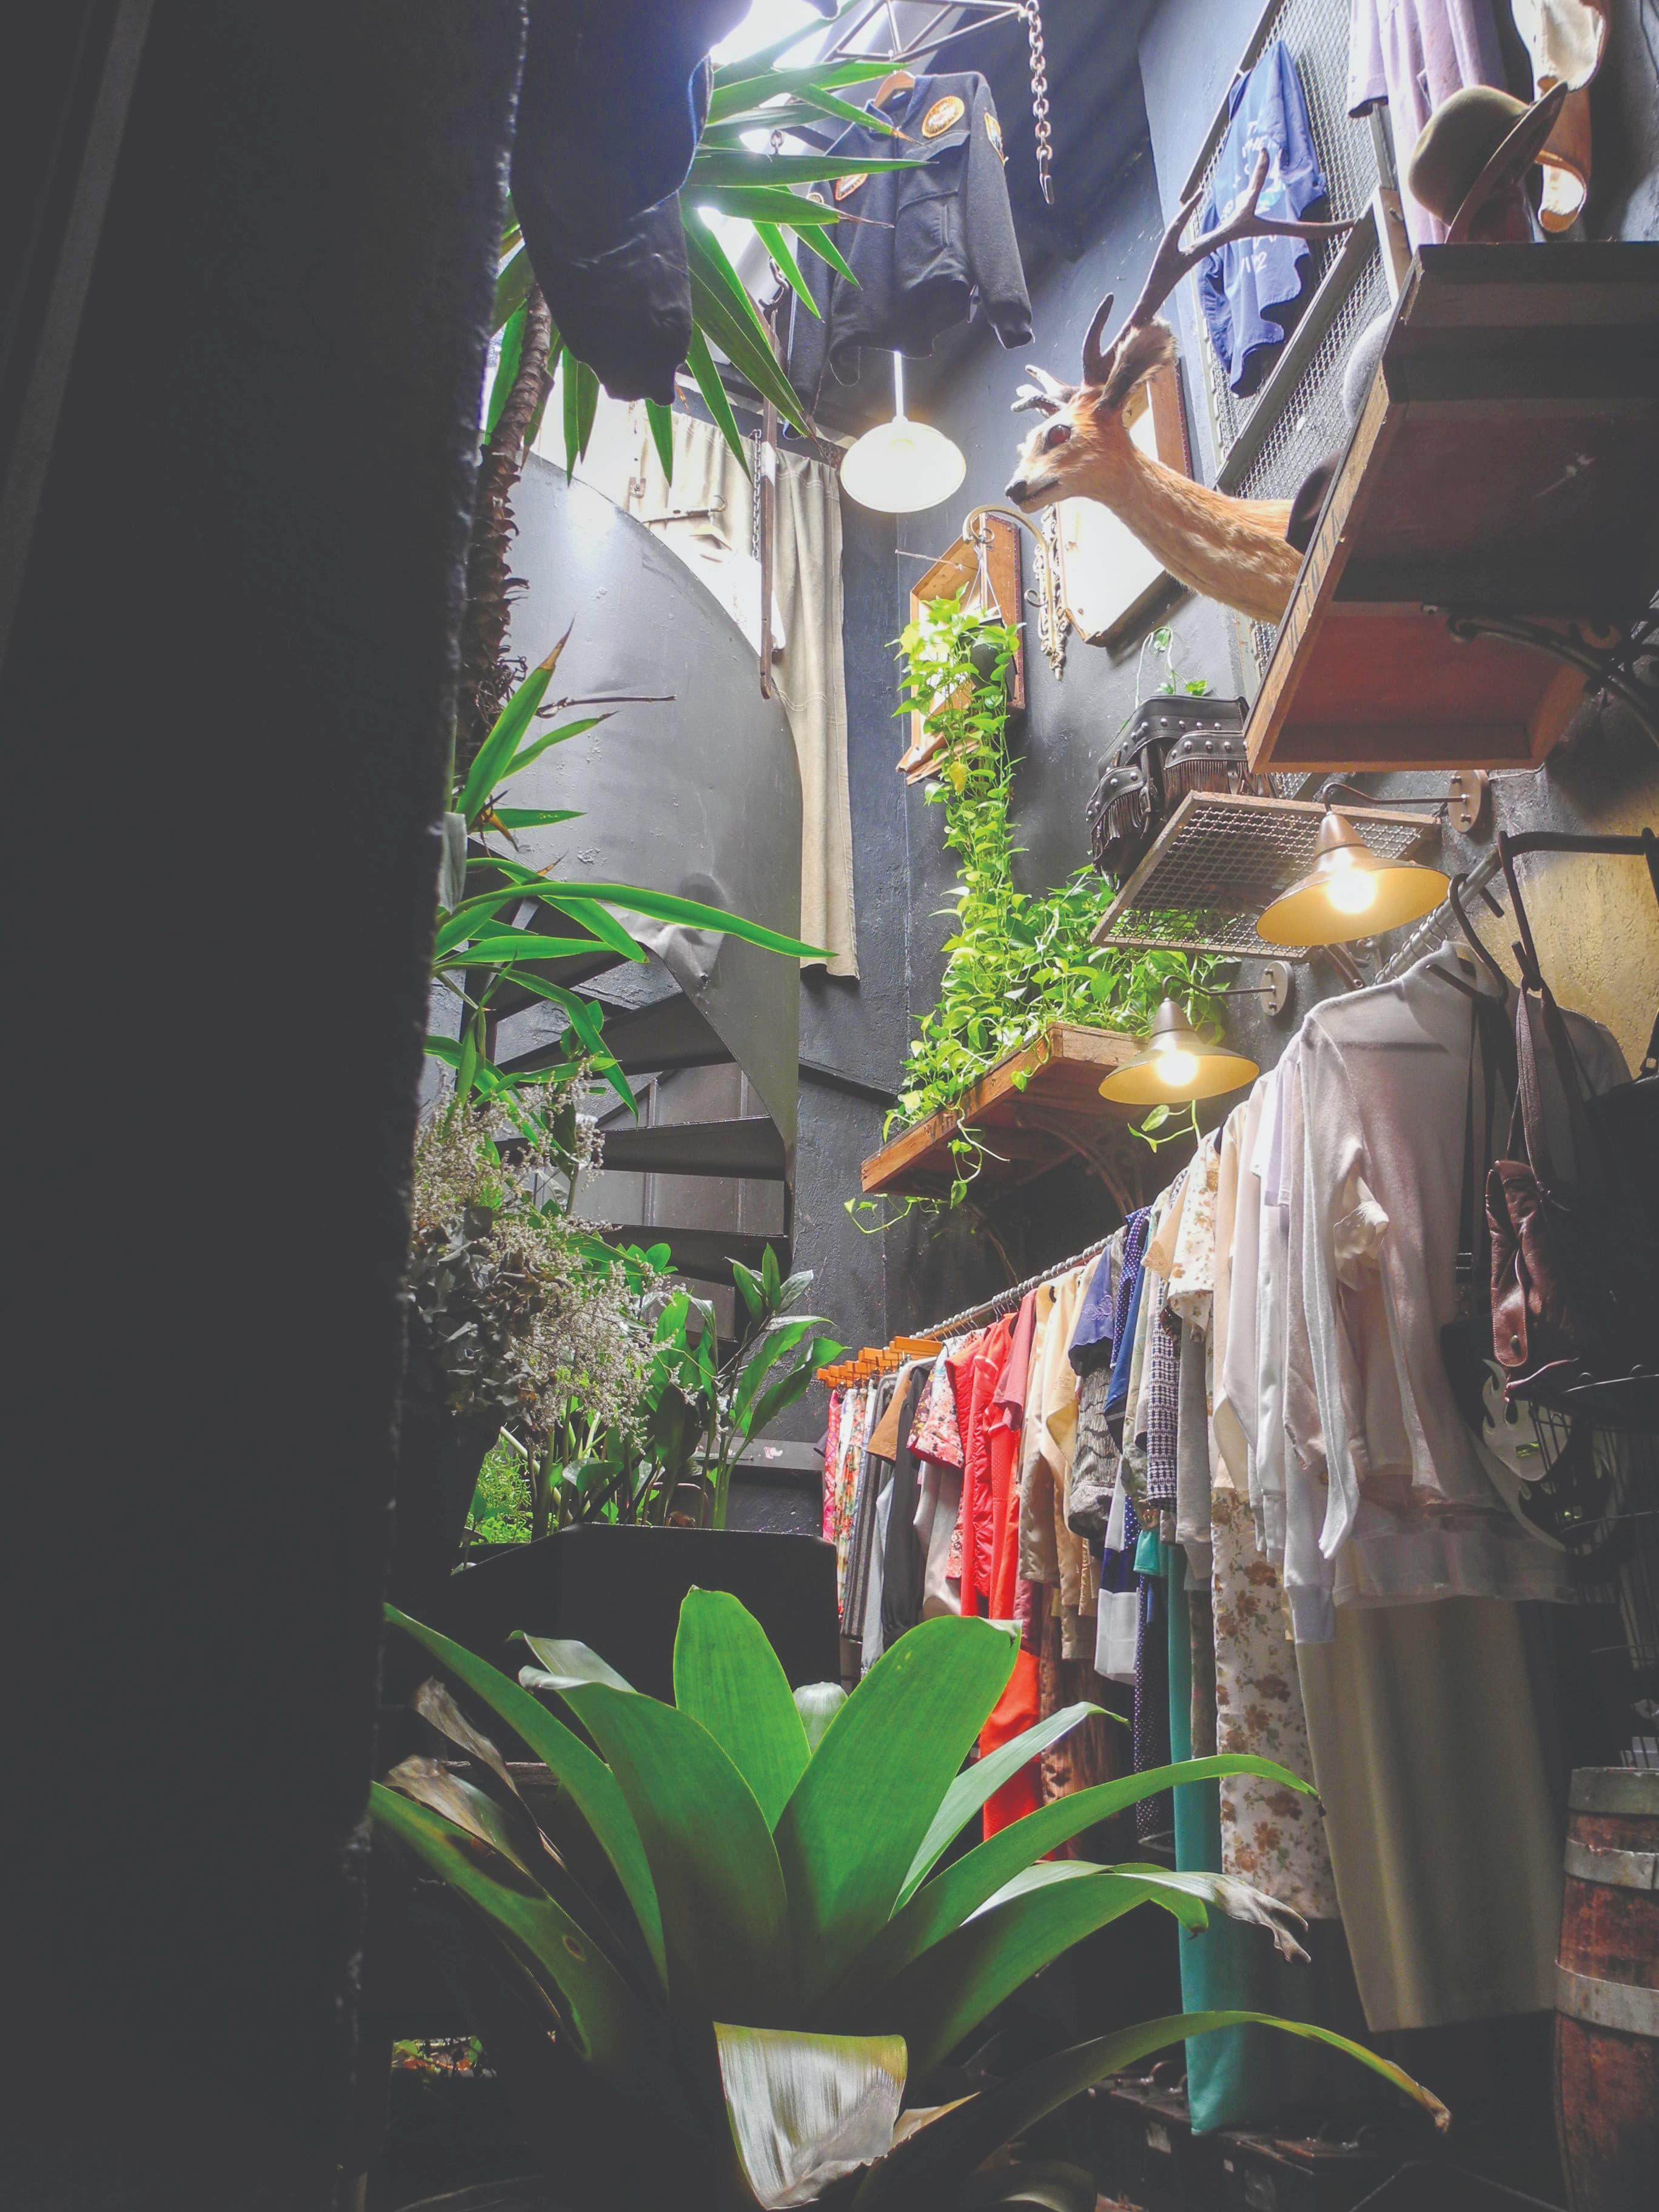 Com o consumo de peças usadas, os brechós trazem um estilo de vida mais sustentável